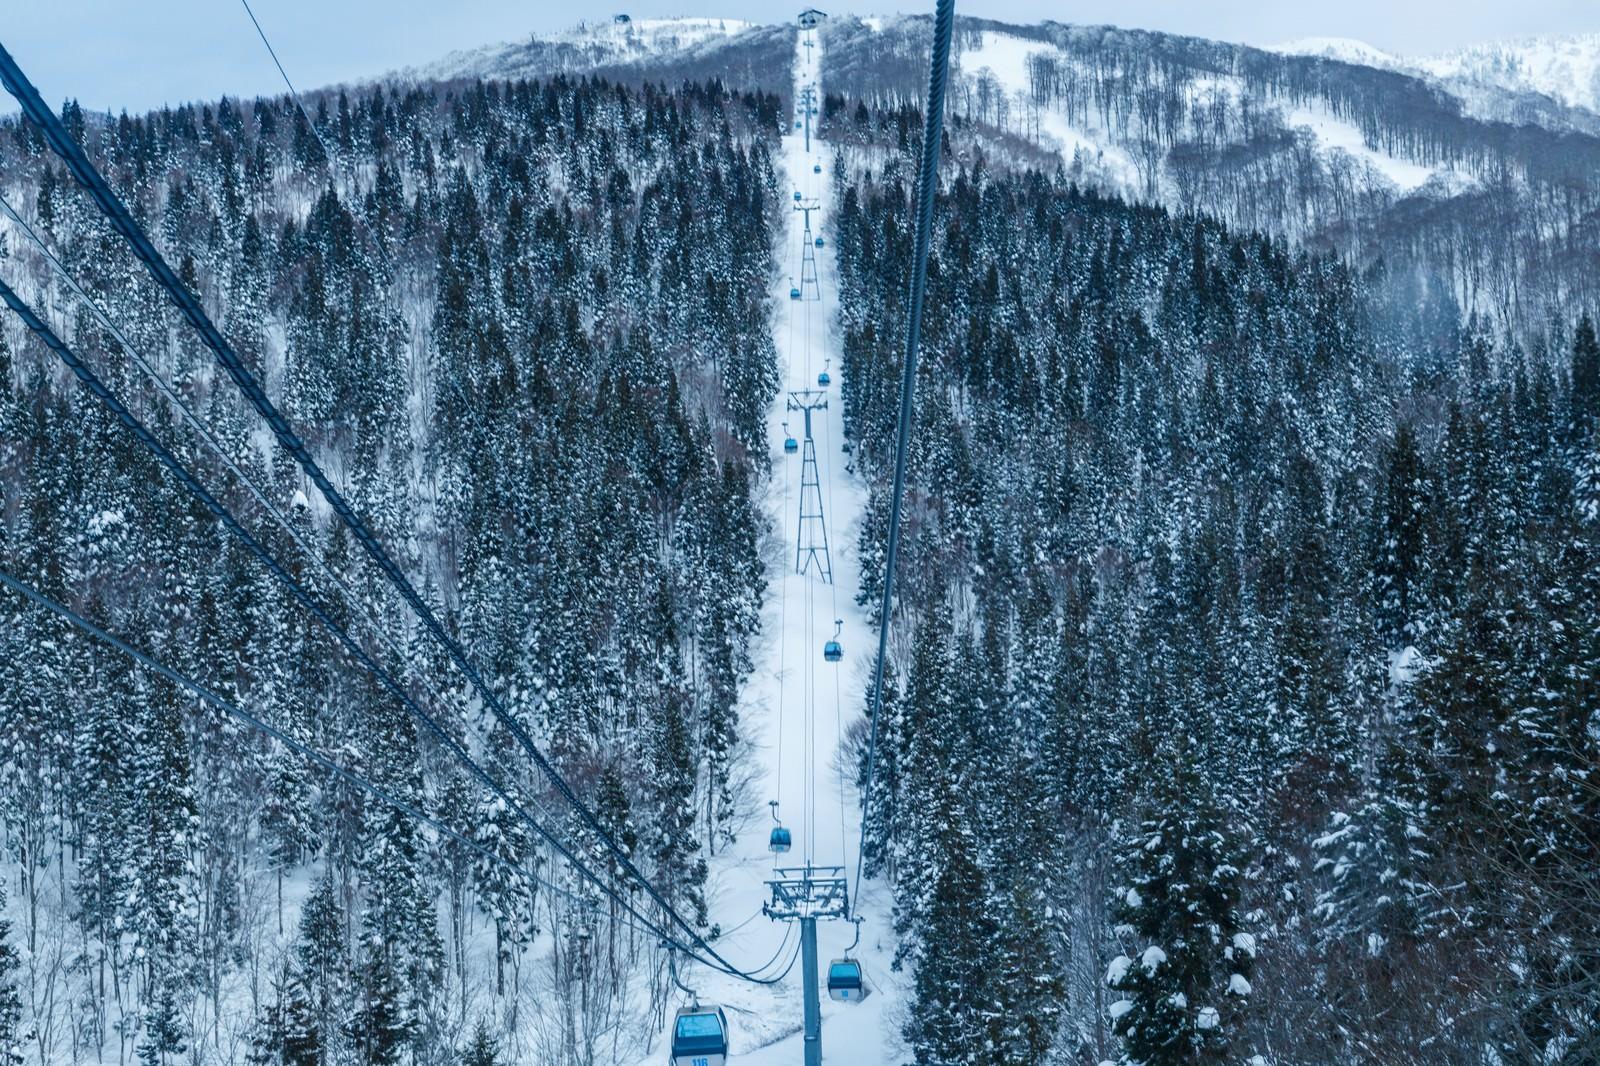 「スキー場のゴンドラの中からスキー場のゴンドラの中から」のフリー写真素材を拡大